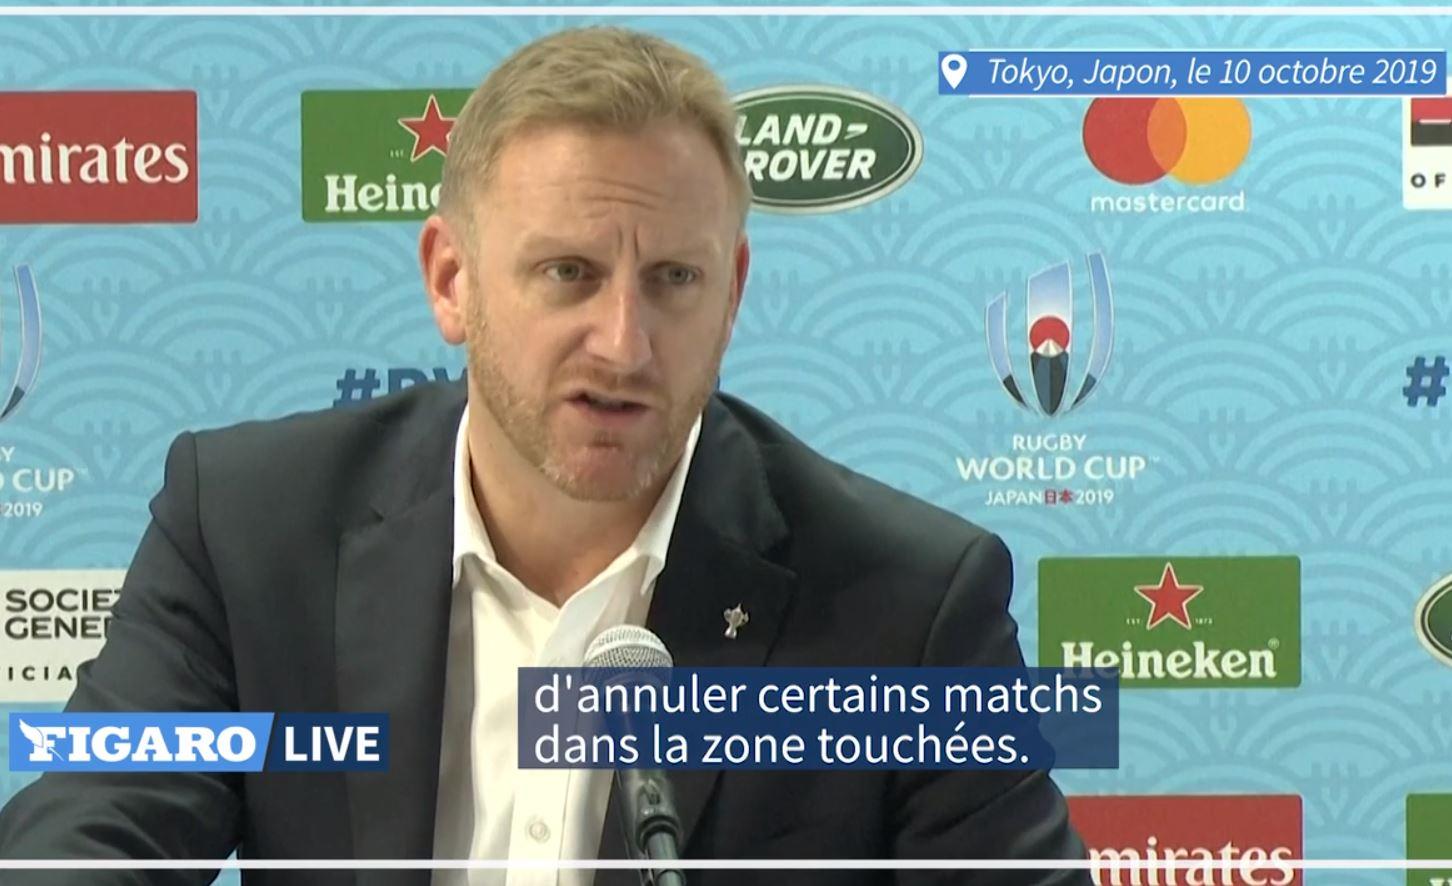 Rugby - Coupe du monde 2019 - Mondial de rugby : le match Angleterre-France annulé en raison d'un typhon